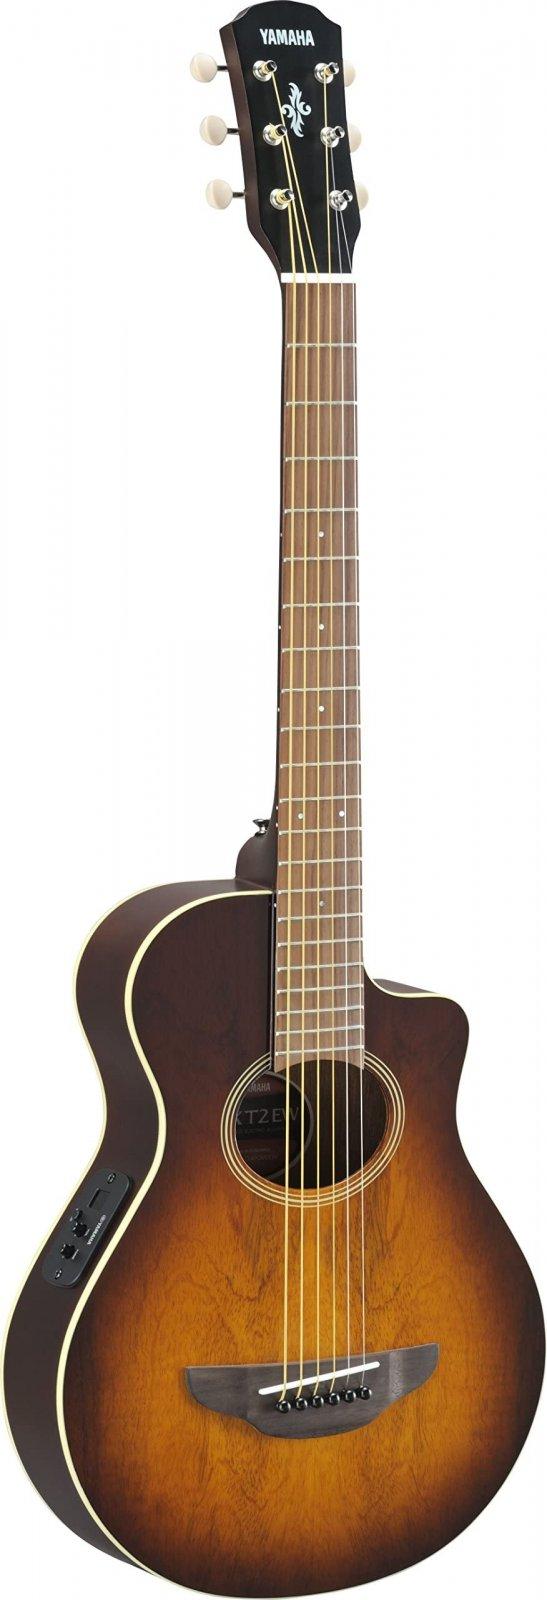 Yamaha APXT2EW 3/4 Acoustic Electric Guitar